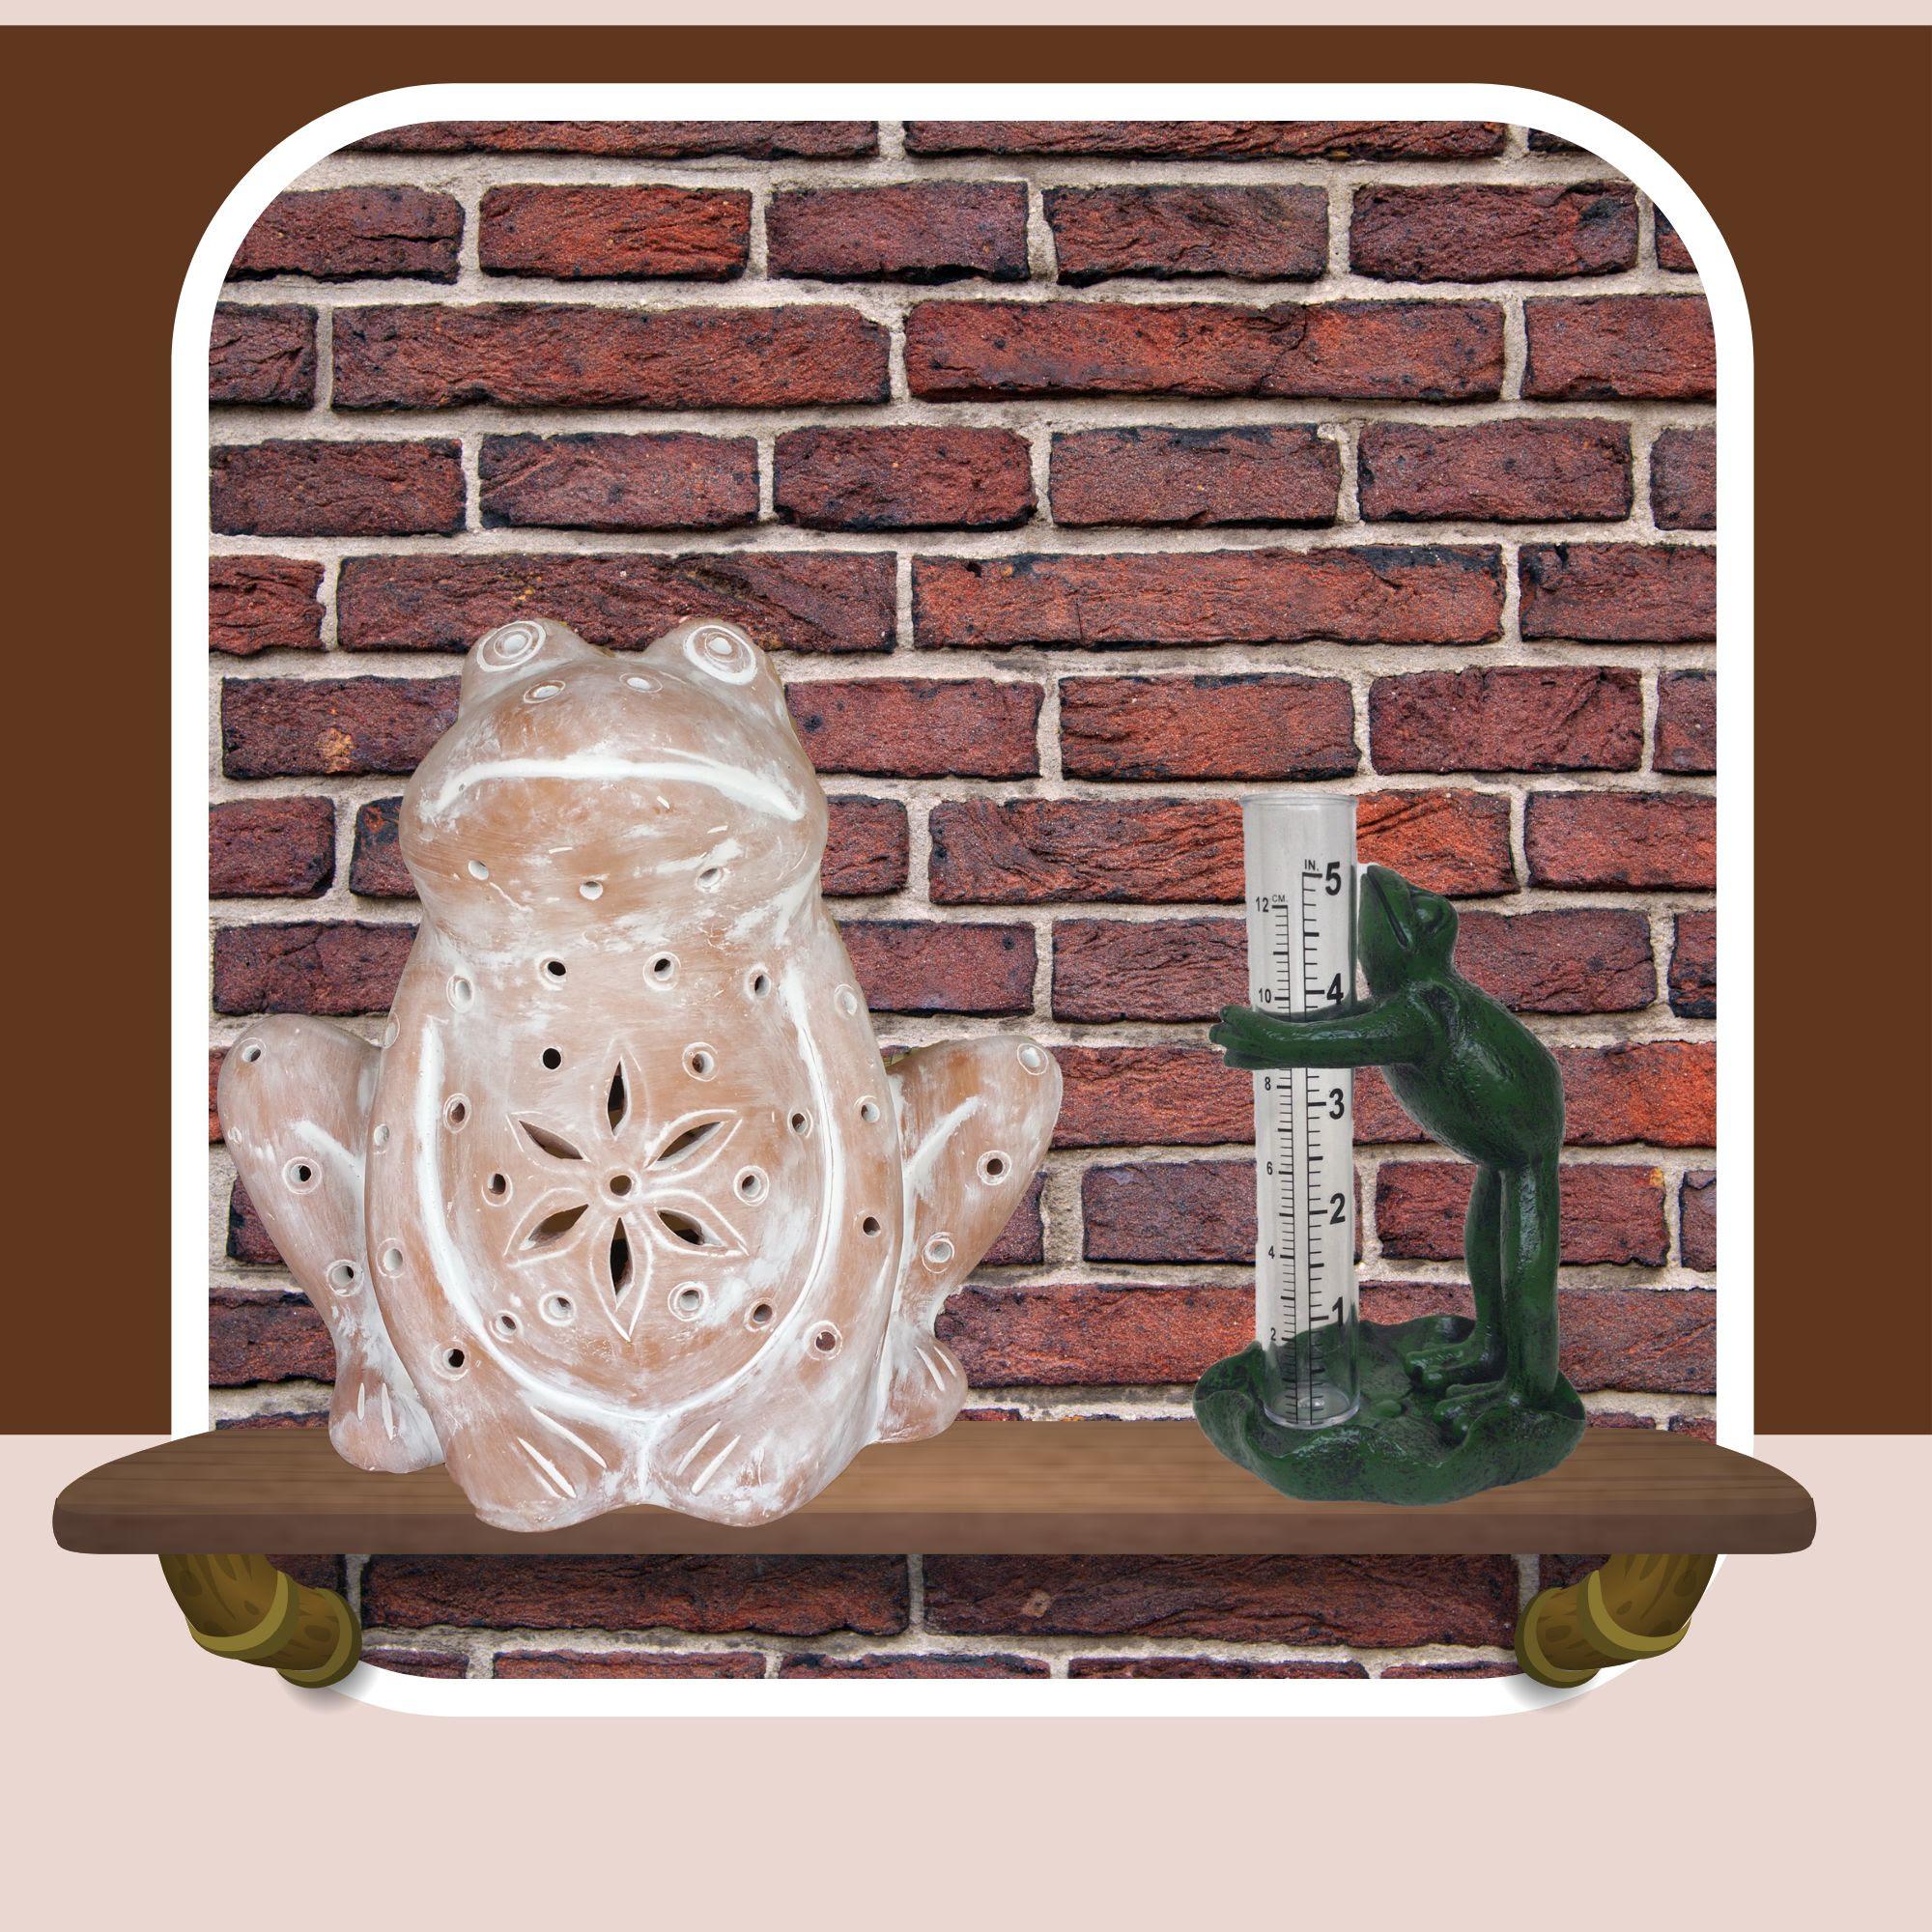 frog rain gauge with frog cast iron bird feeder